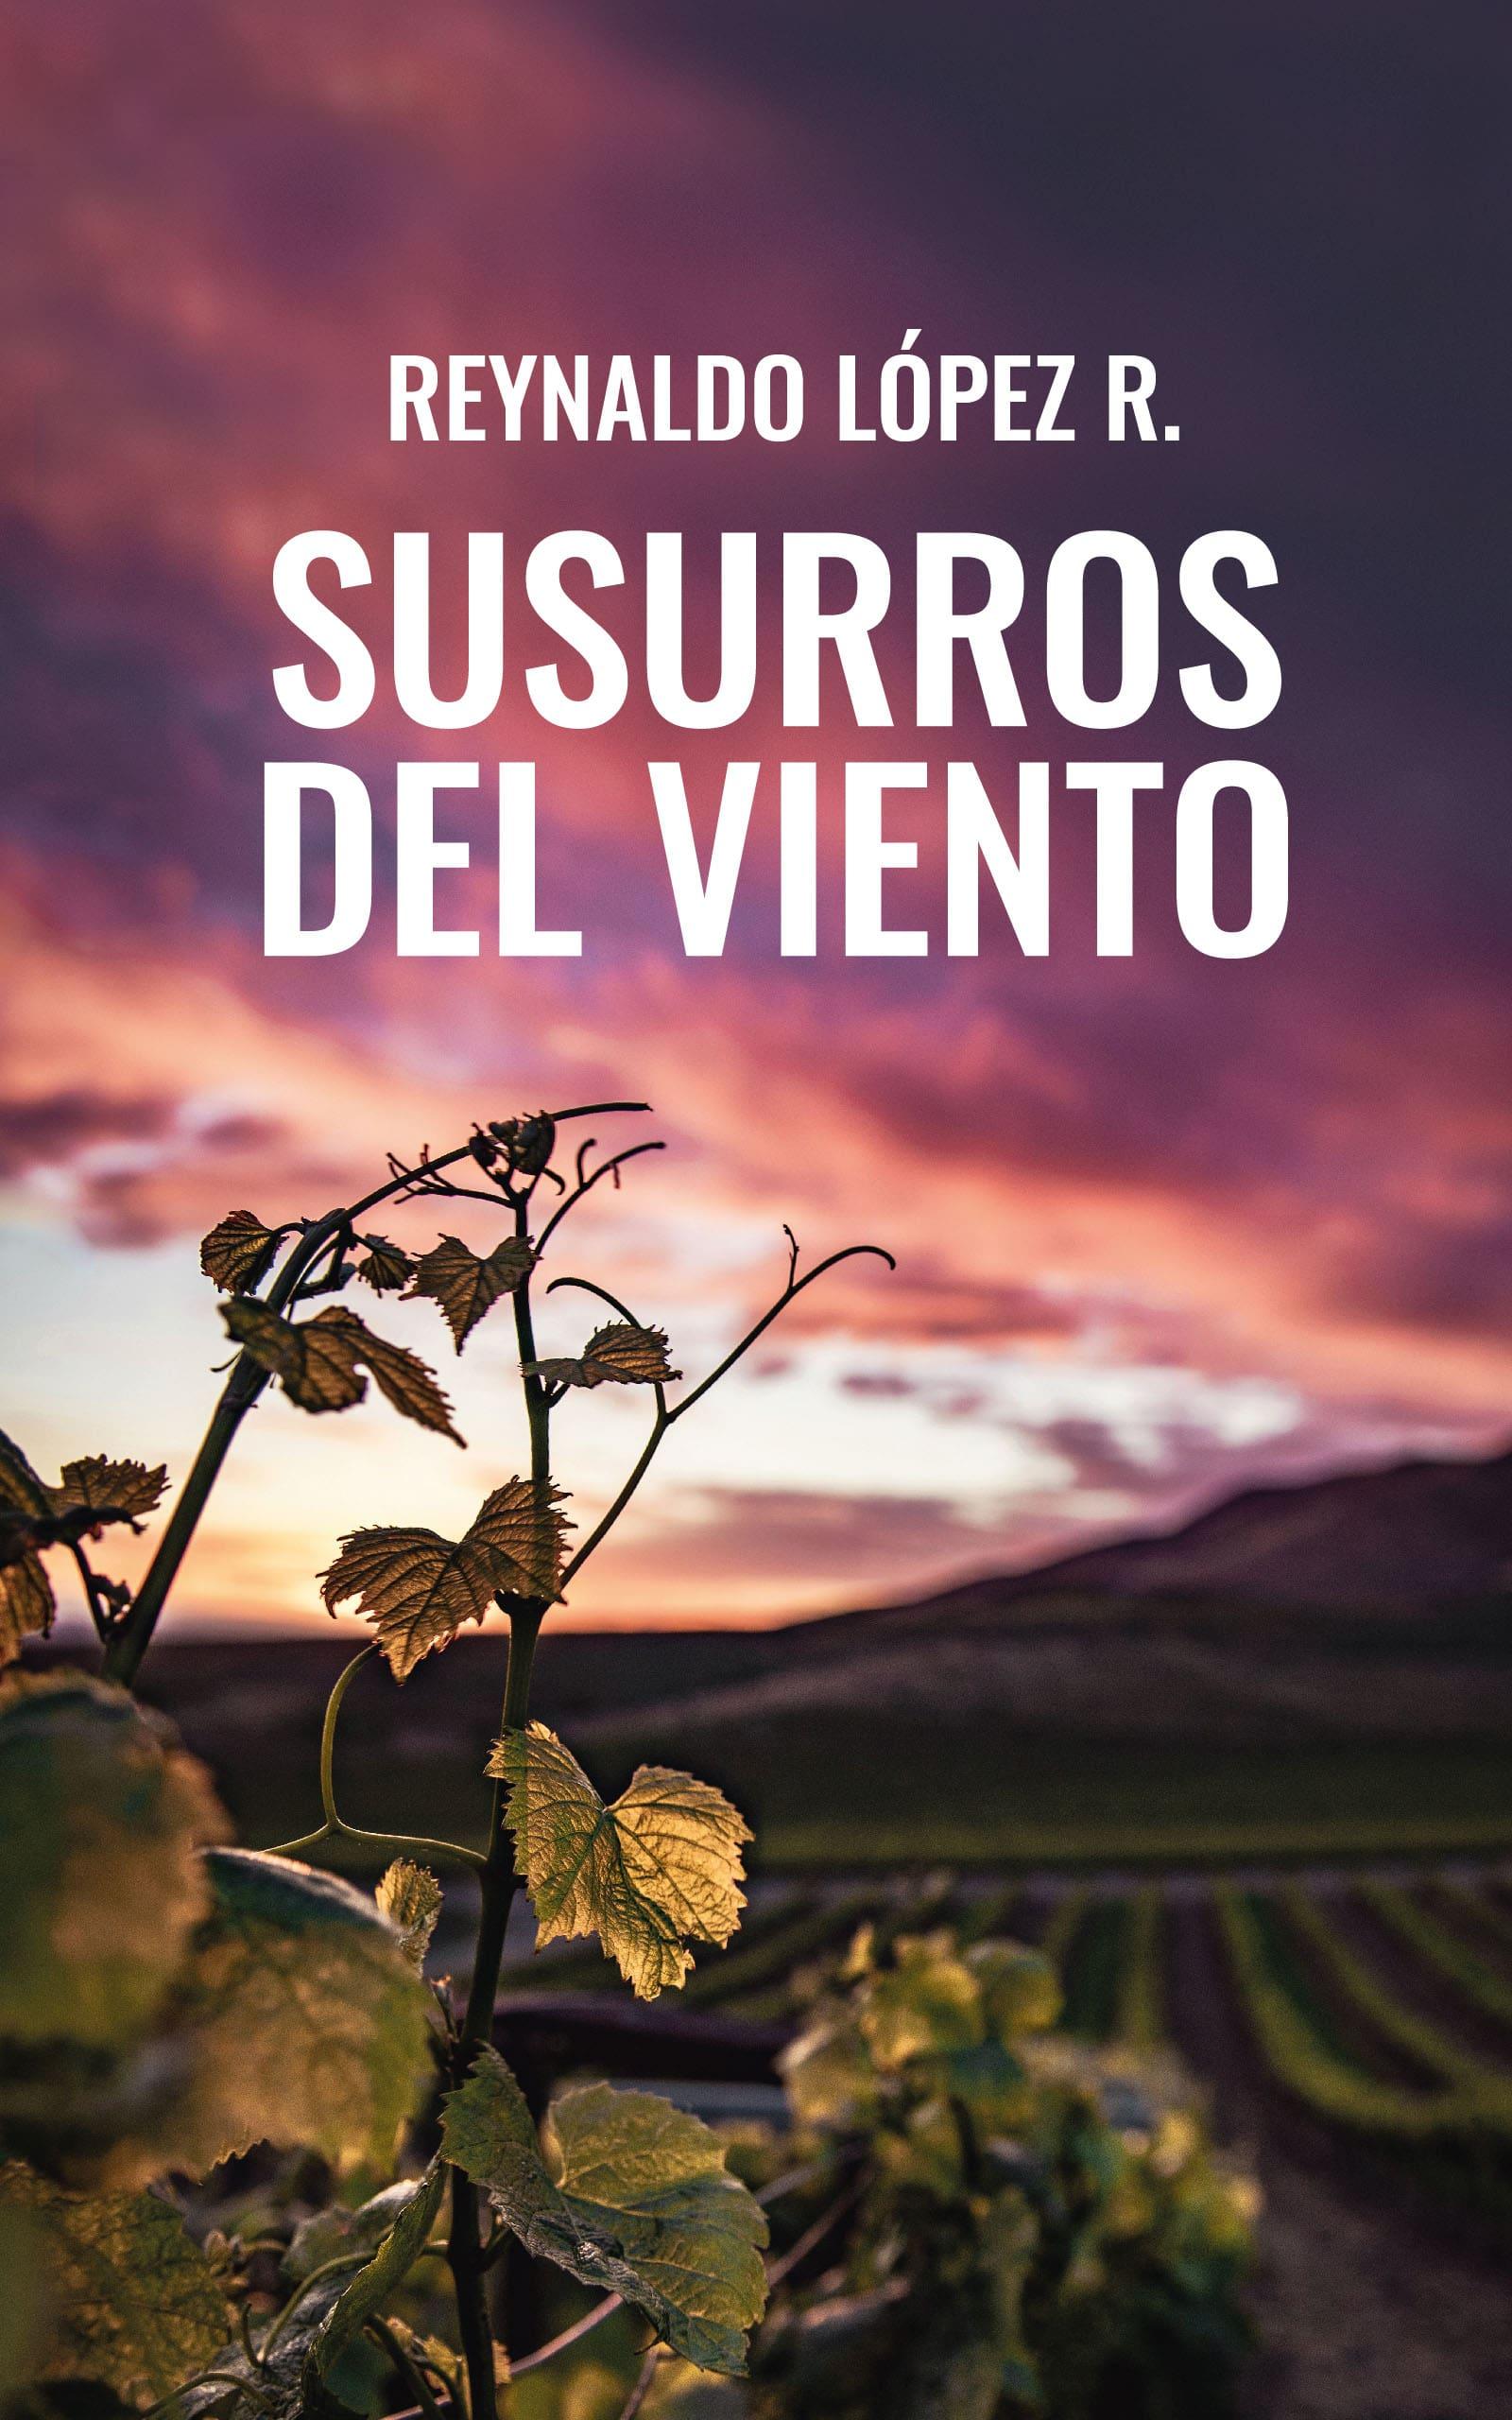 Susurros del viento, de Reynaldo López R.